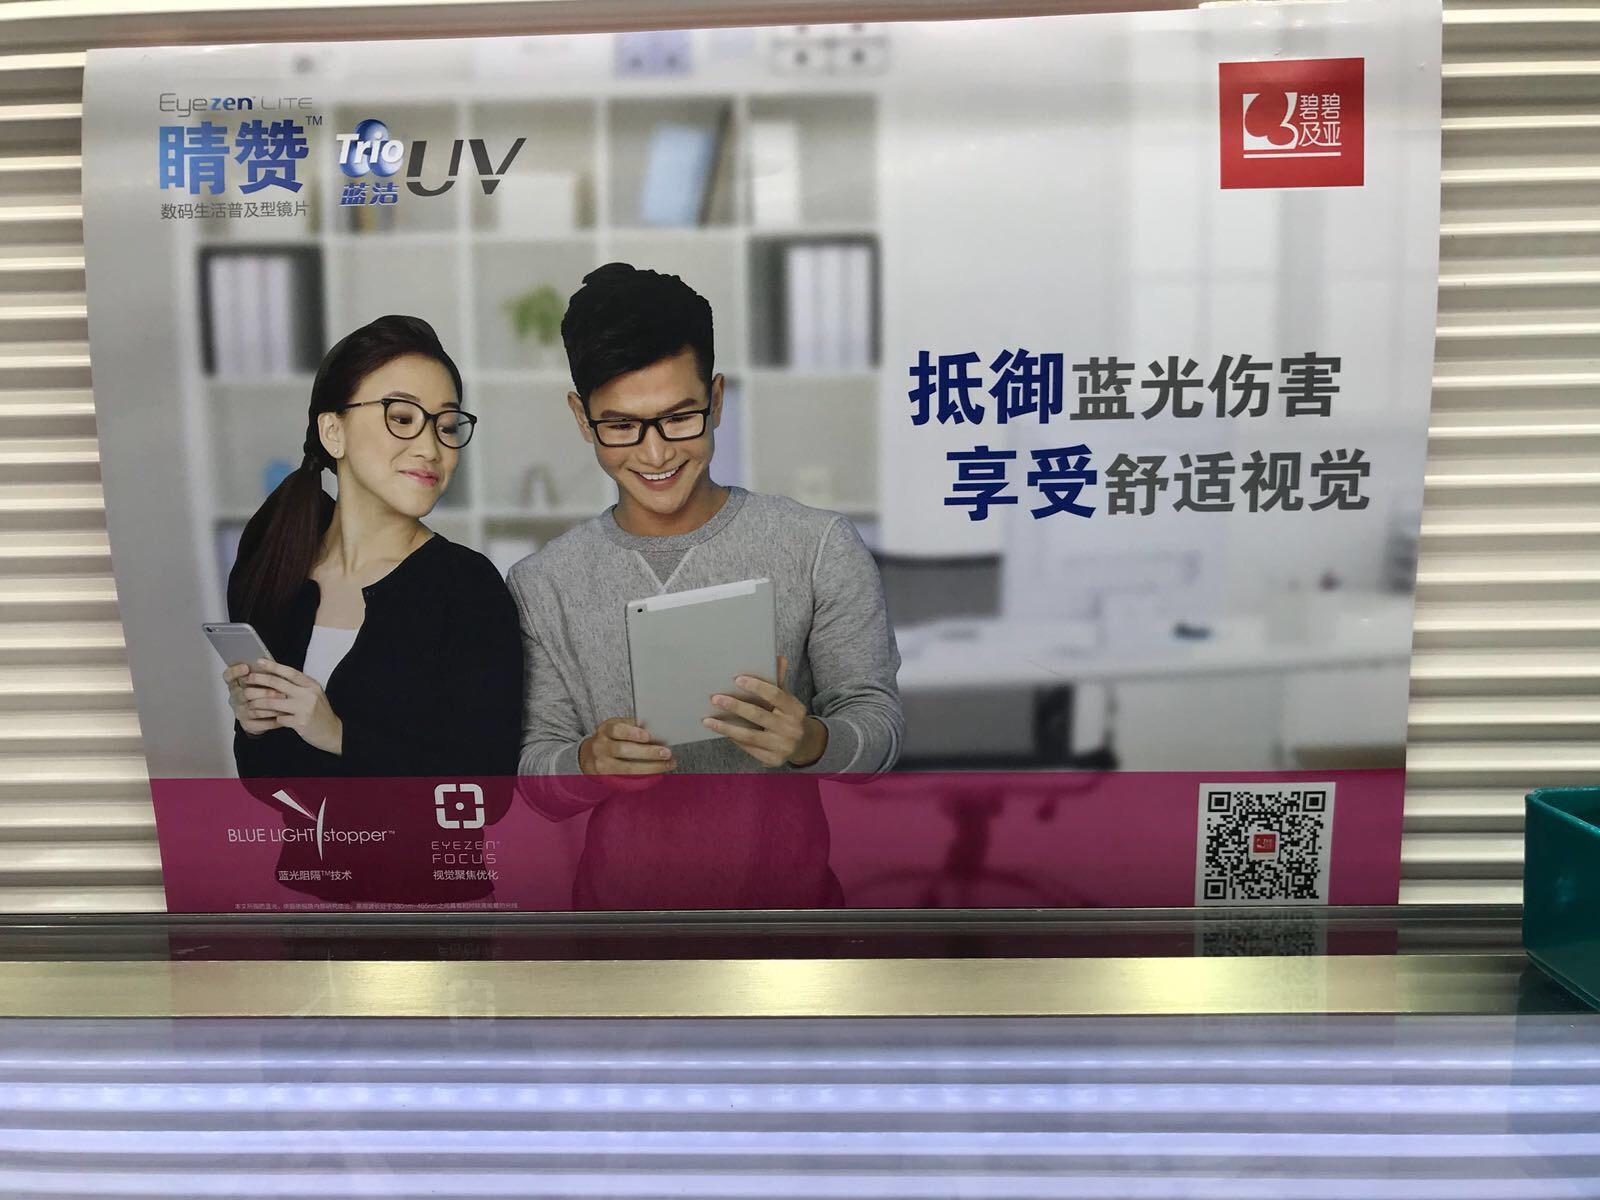 EYEZEN Print Ad